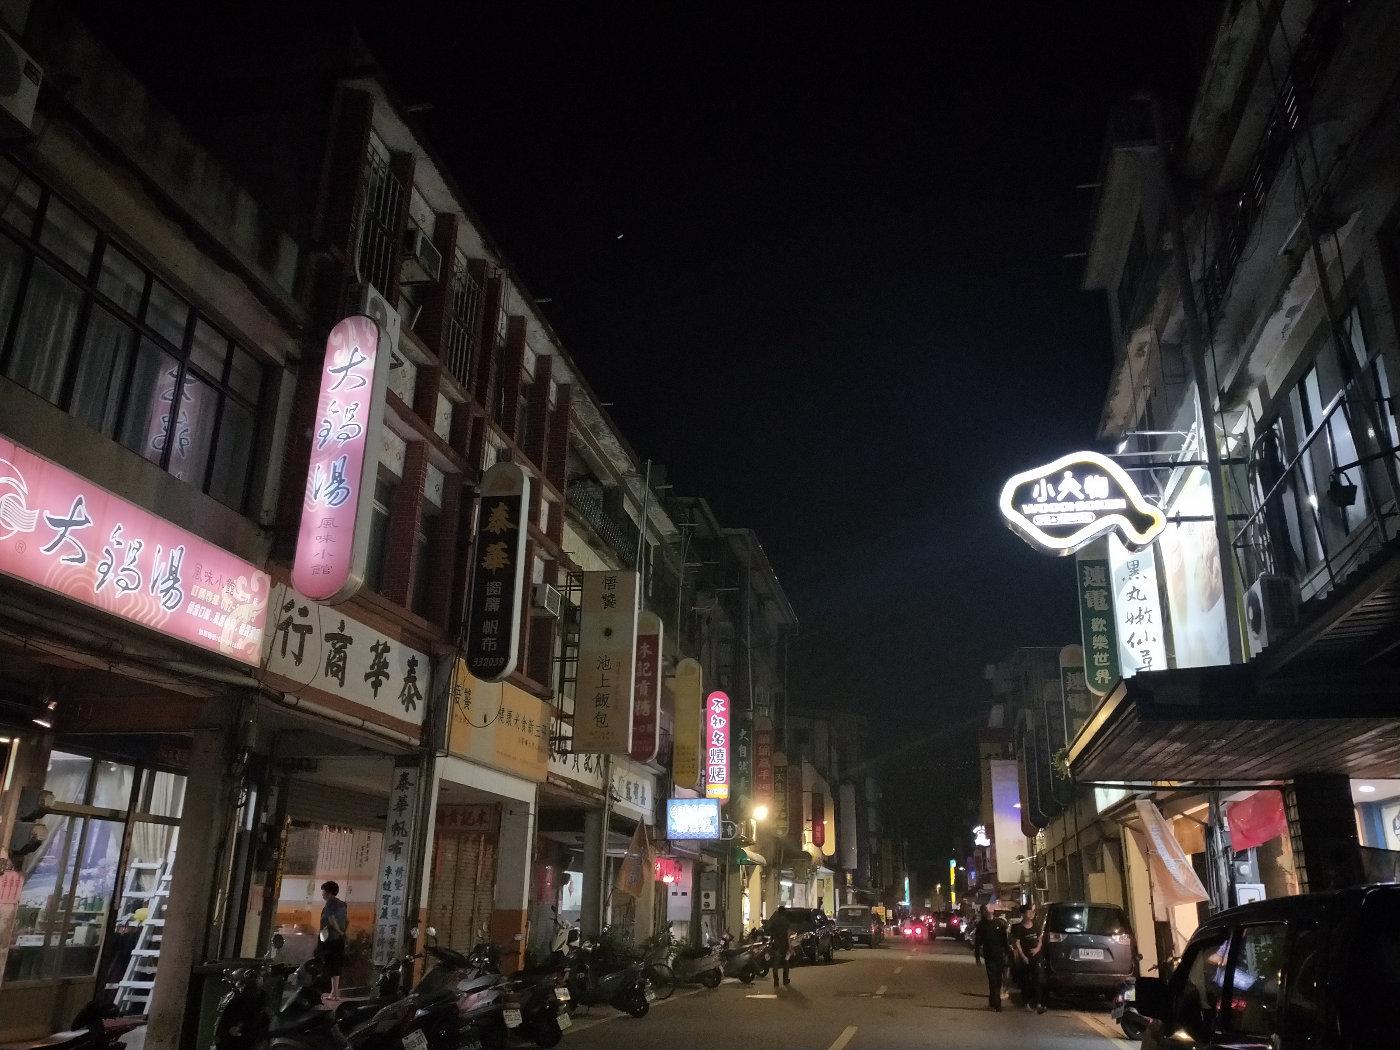 夜幕下的街道,第一天结束